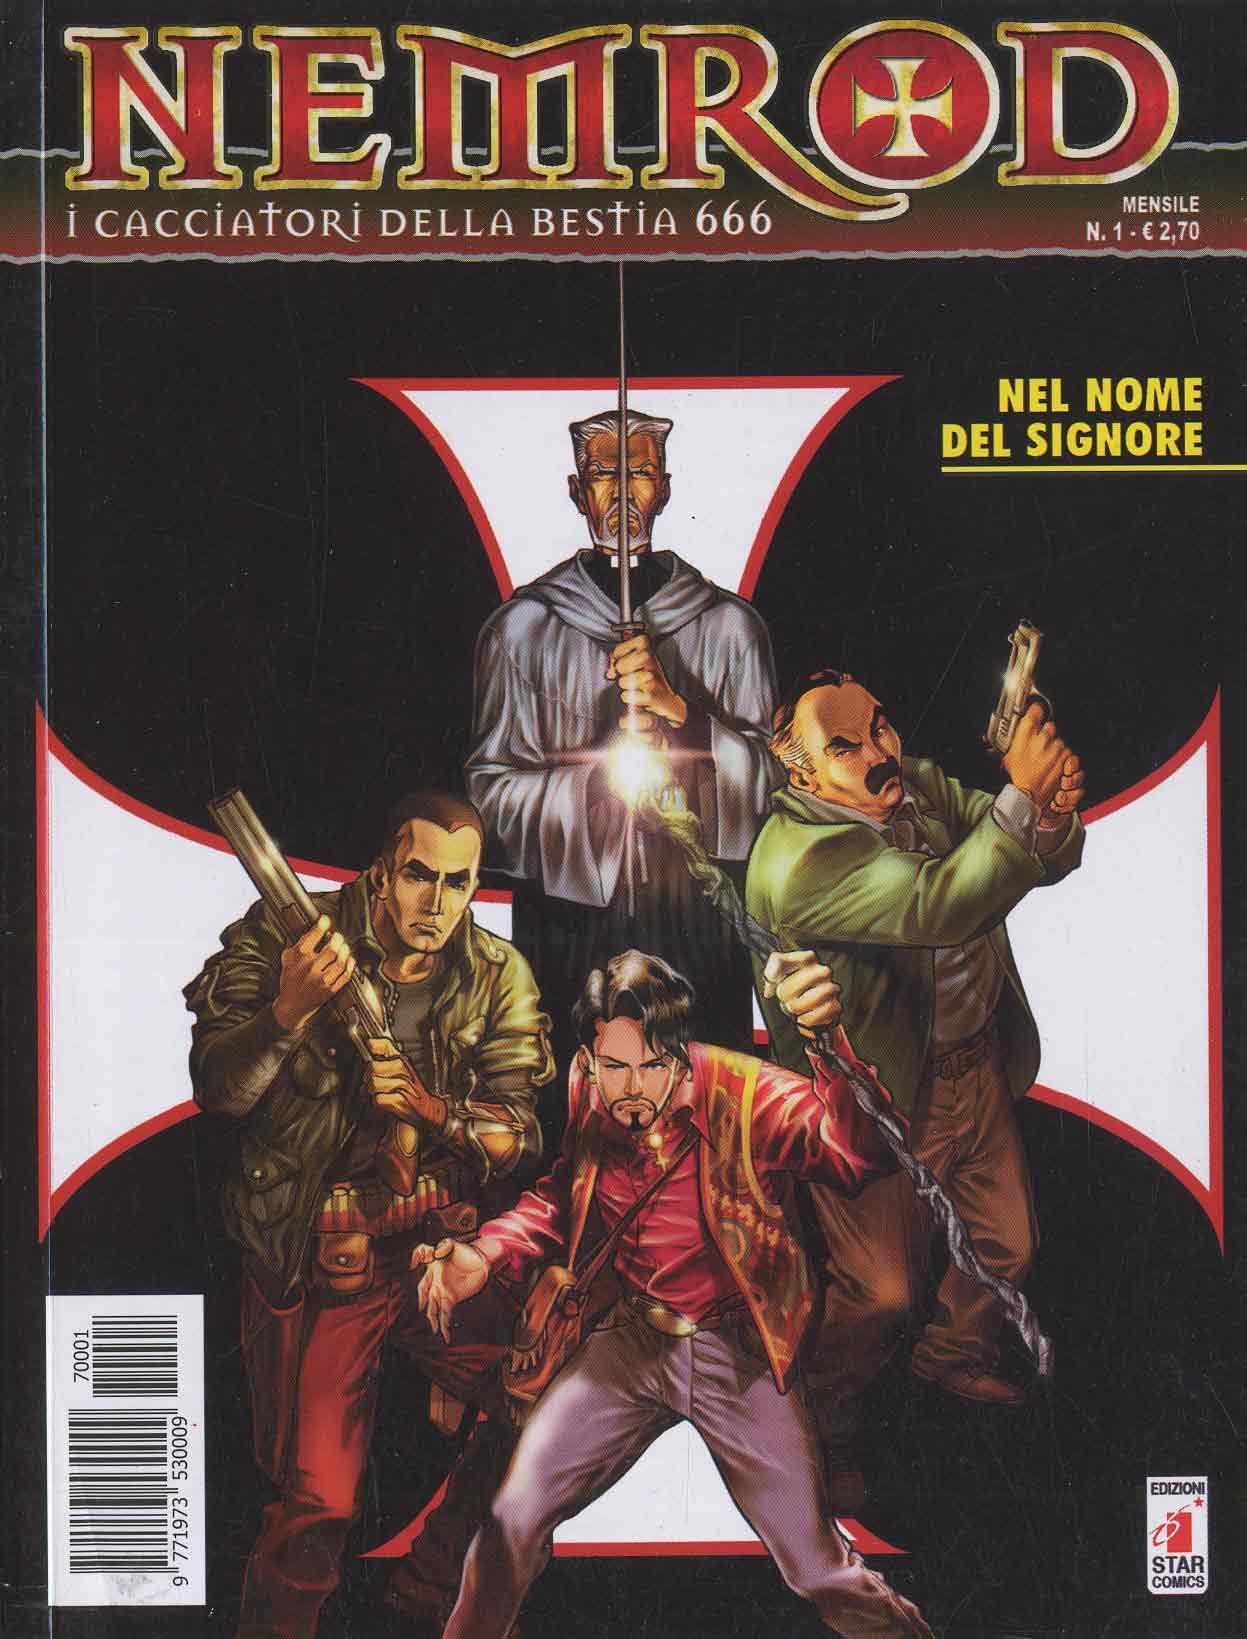 ST06 – Fumetto – Star Comics – Nemrod #1 – Usato – Come Nuovo !!!